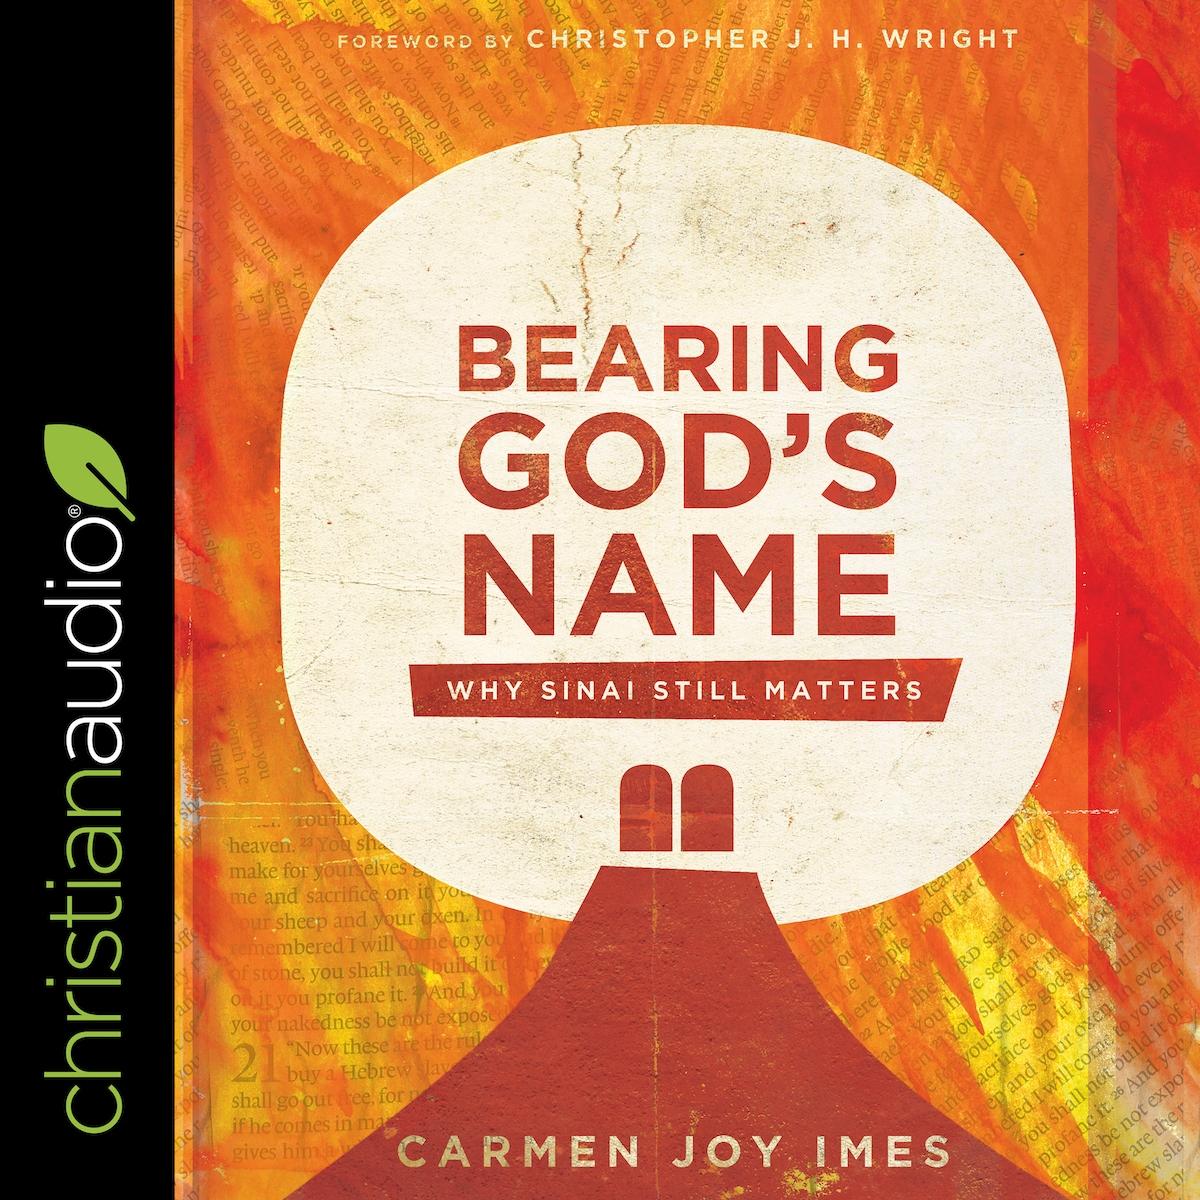 Bearing God's Name